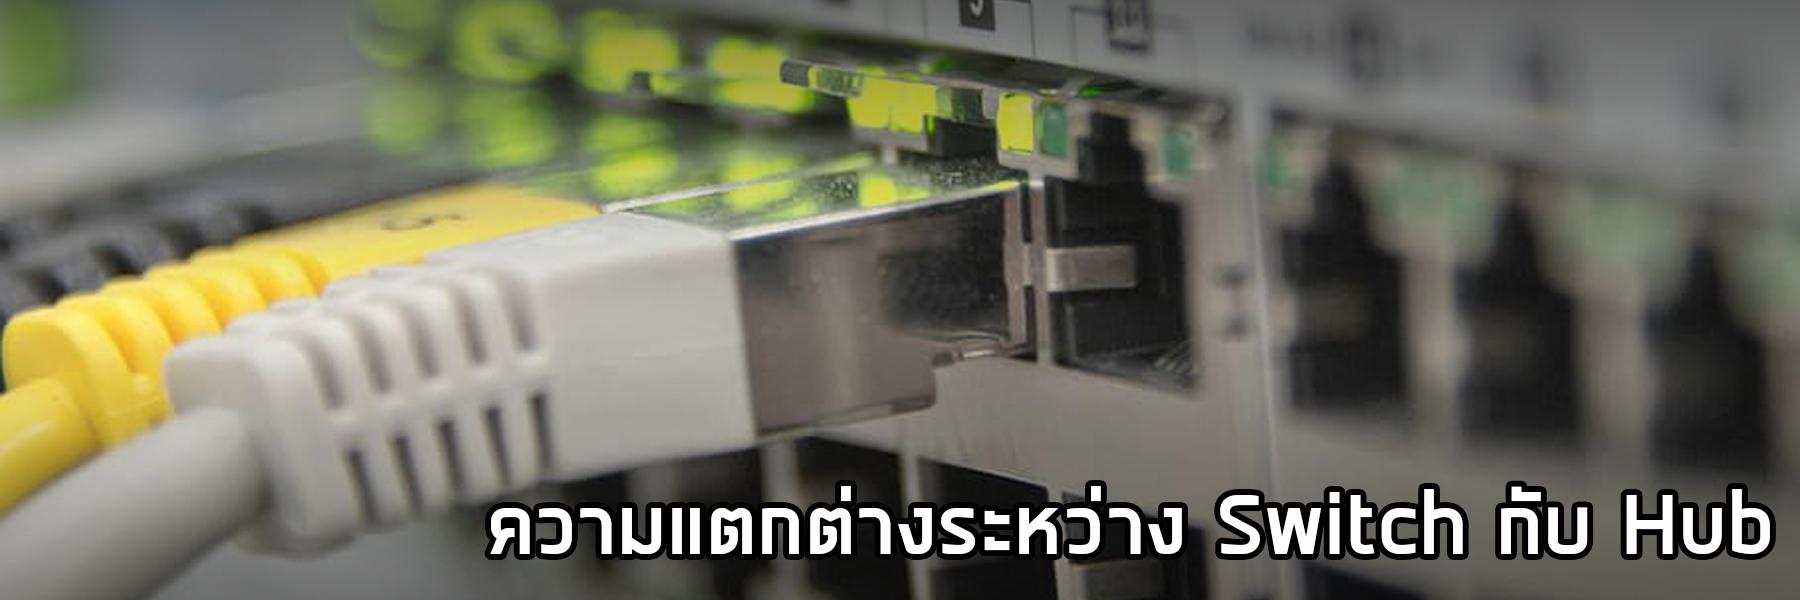 ความแตกต่างระหว่าง Switch กับ Hub